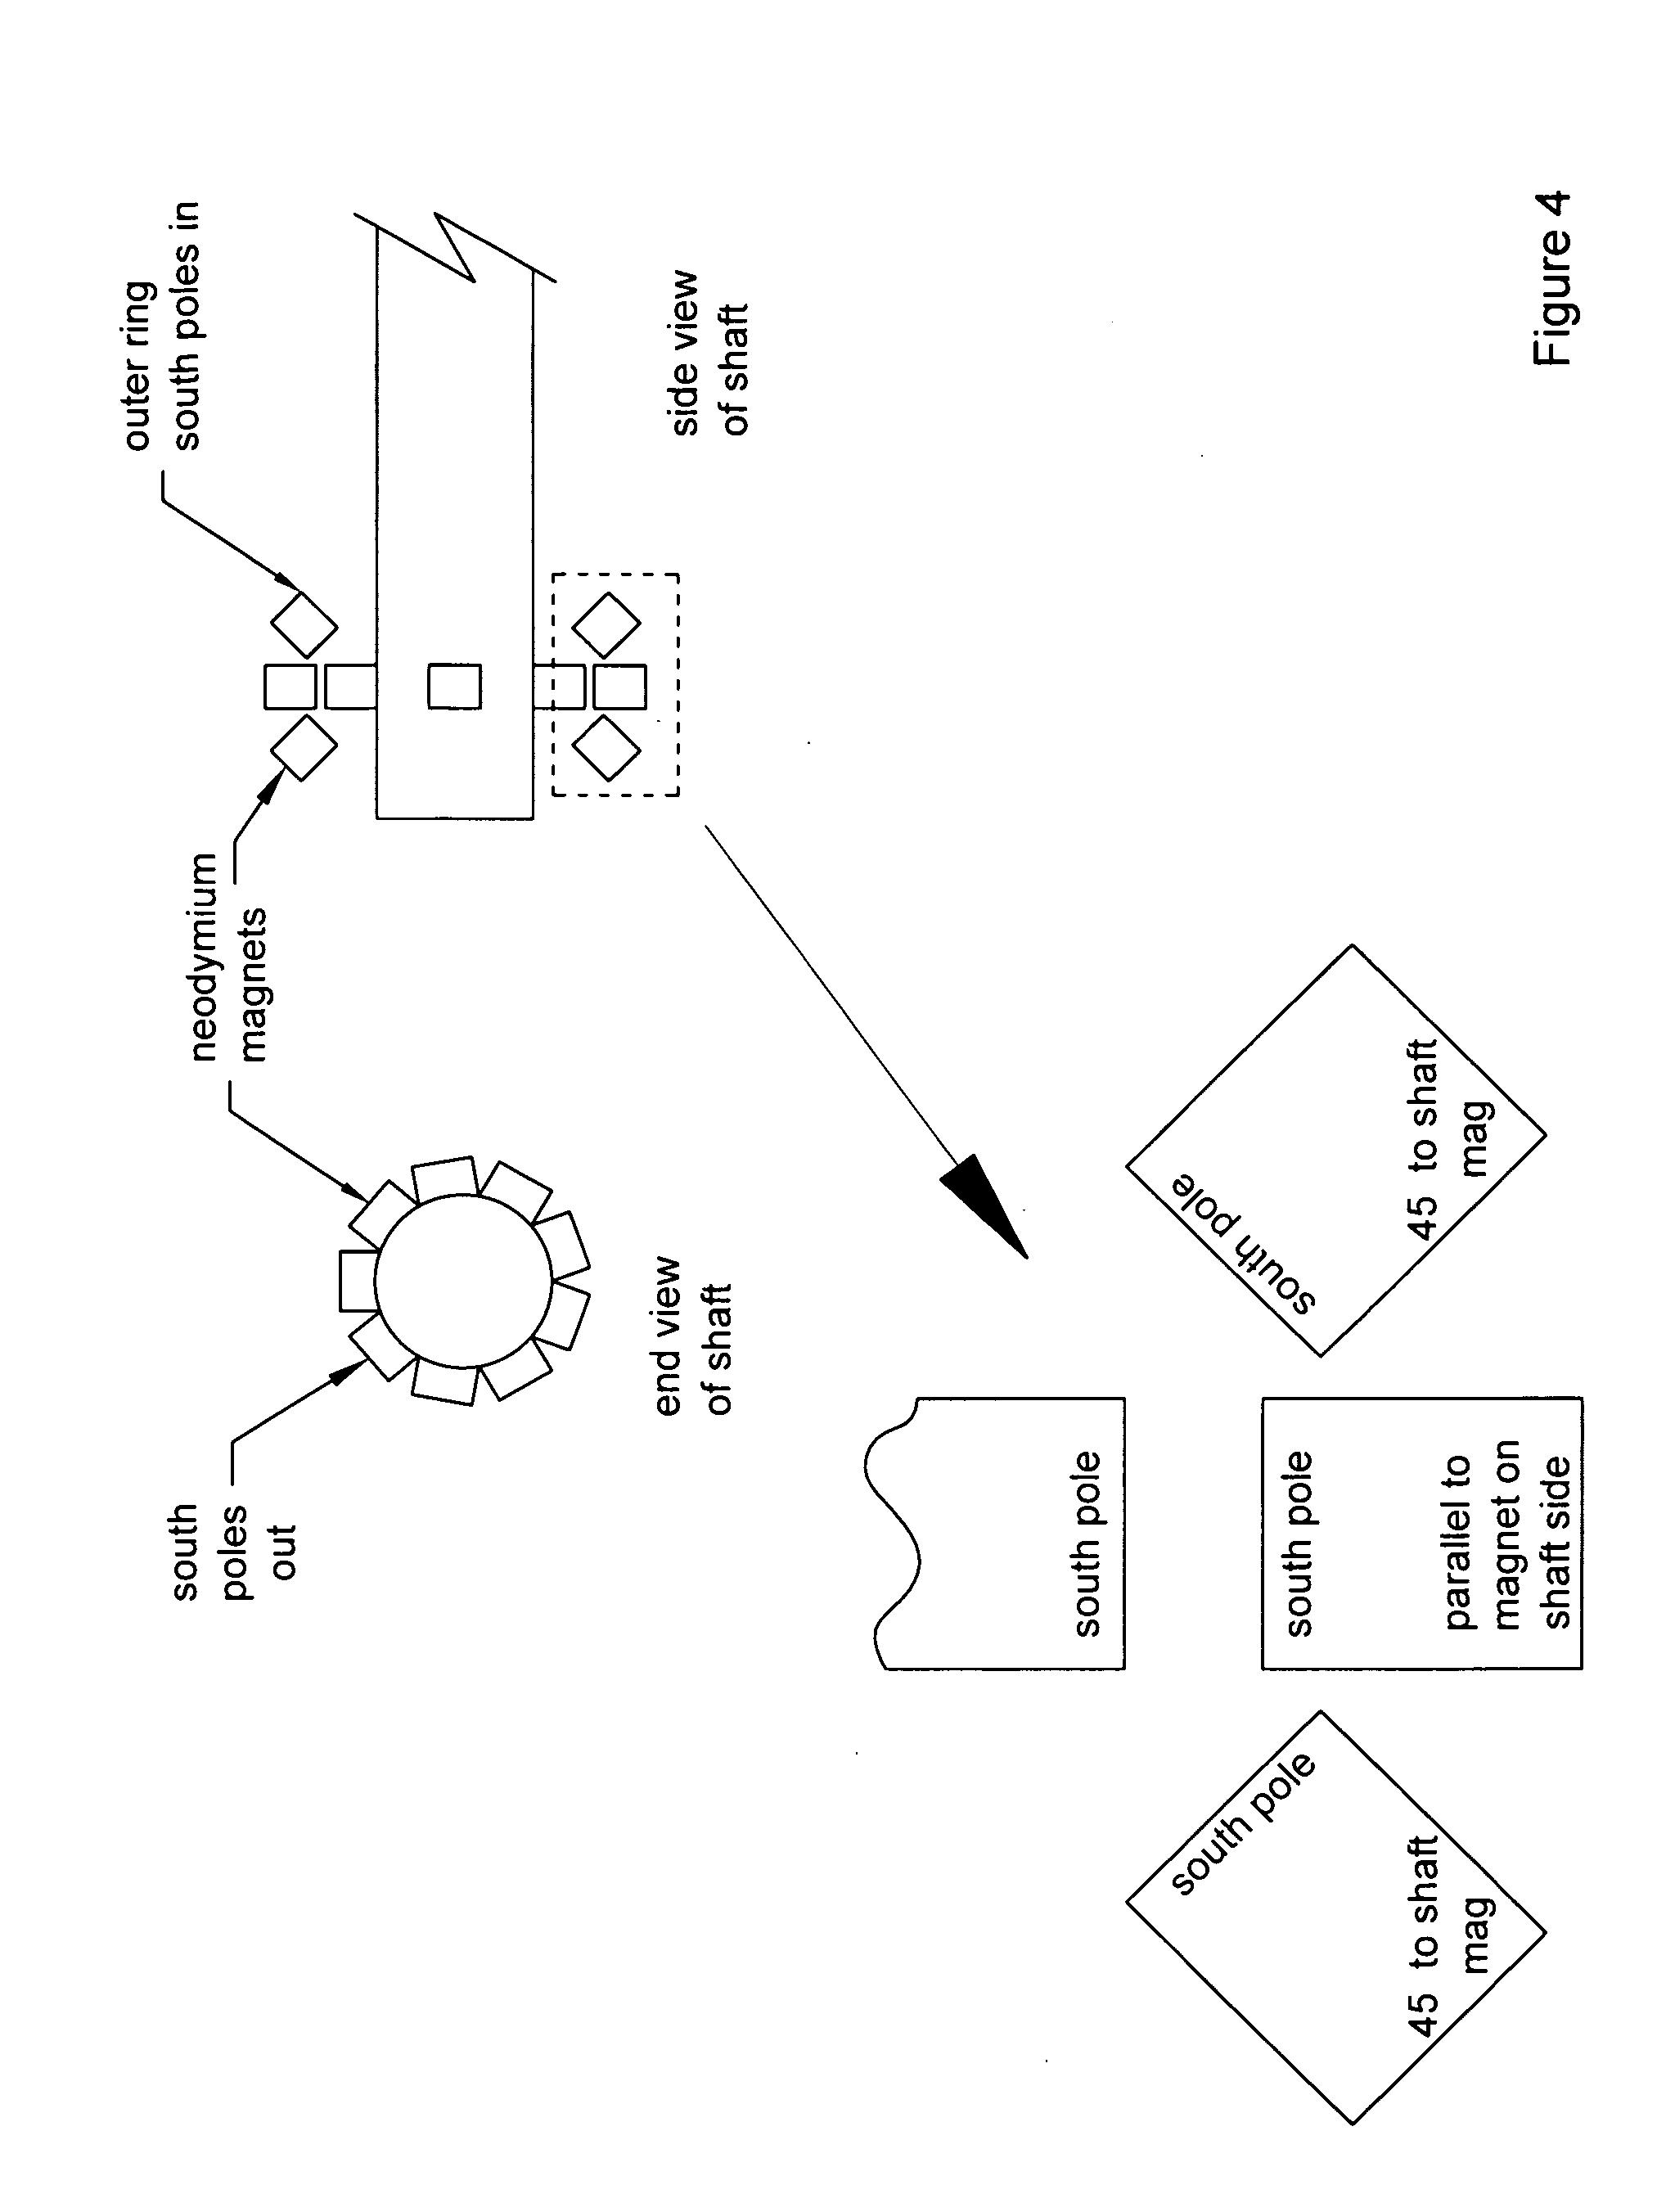 Diagram Of Gravitational Potential Energy | Wiring Diagram Database